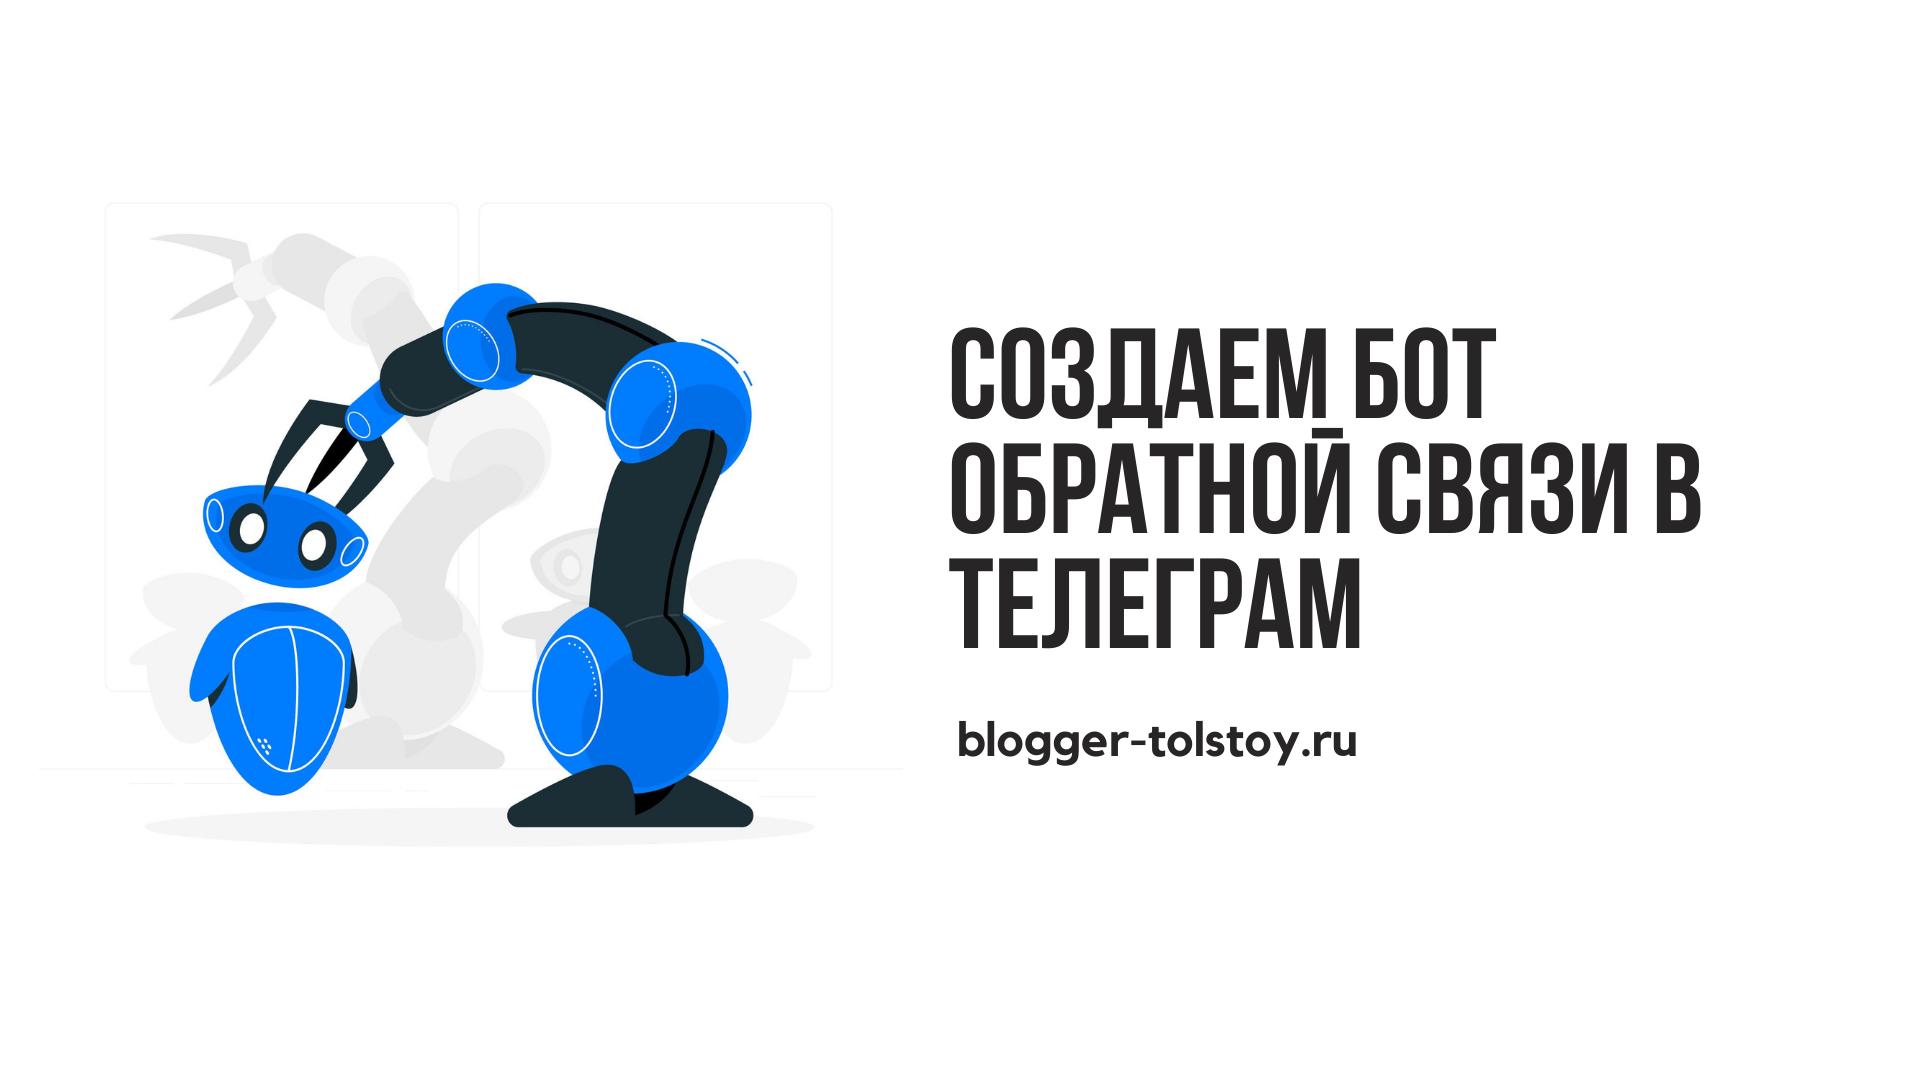 Превью к статье о создании бота обратной связи в Телеграм